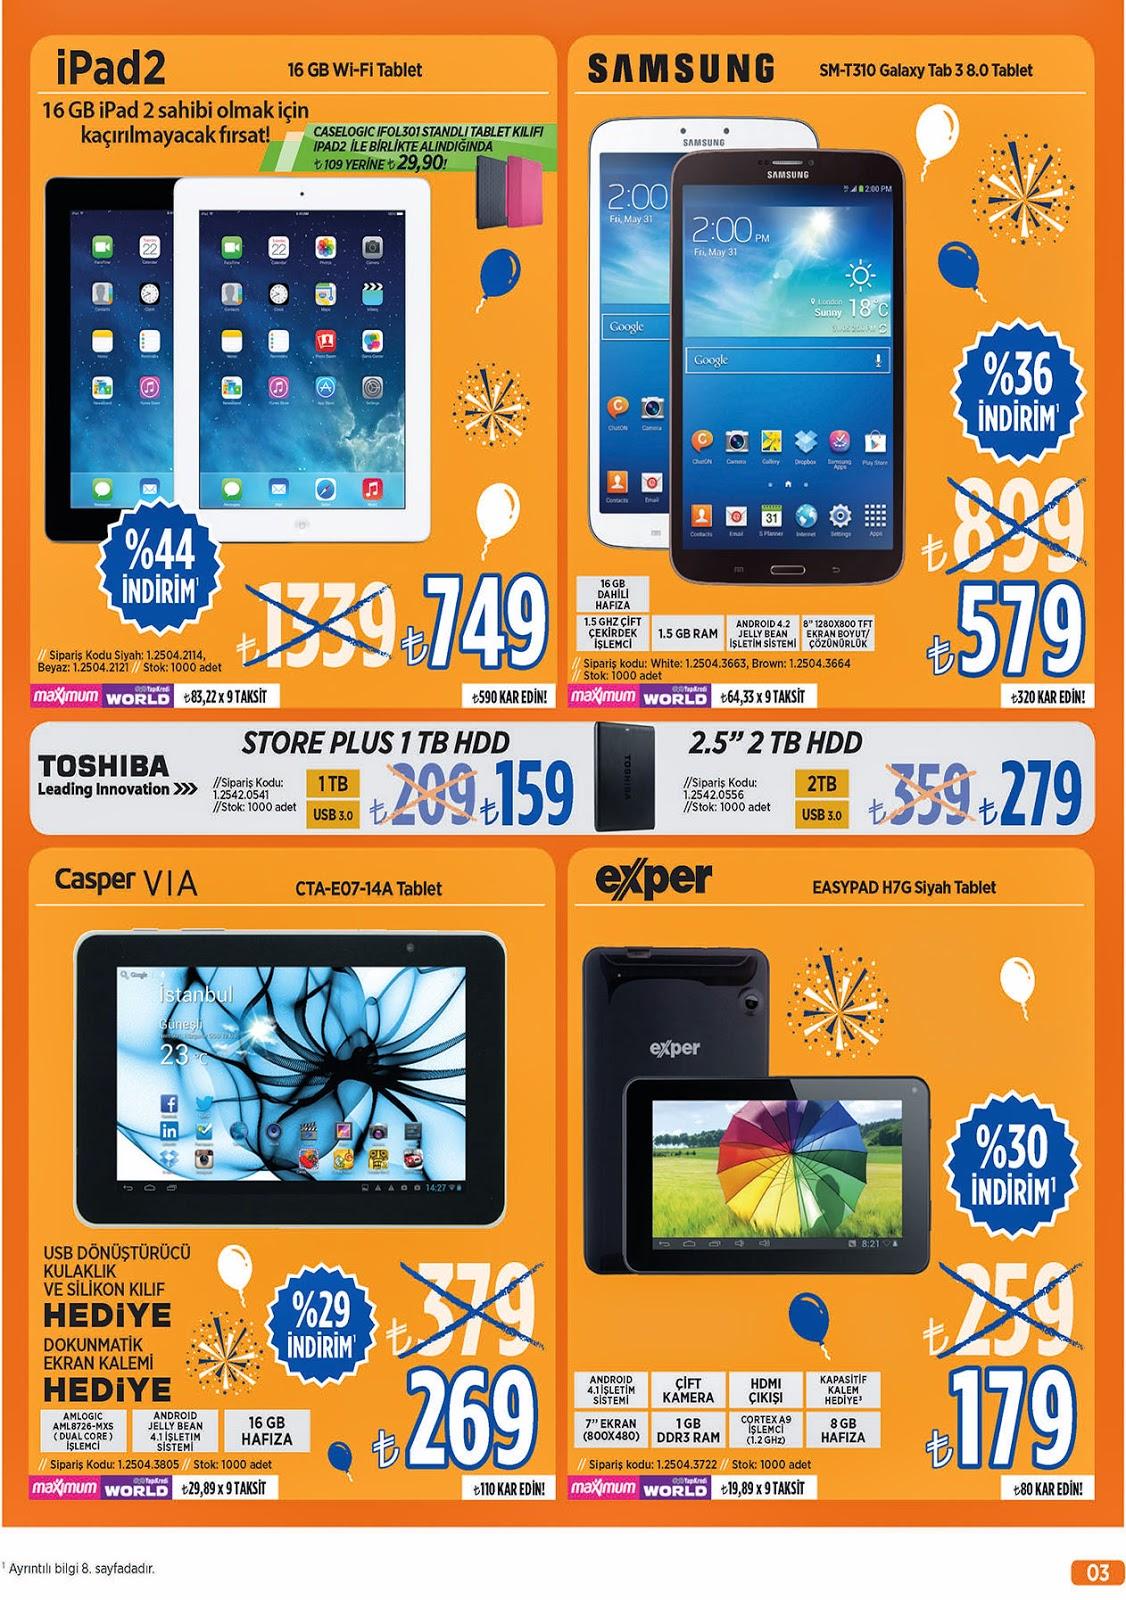 Teknosa 23-24-25-26-27 Nisan 2014 Tarihli Güncel Broşür Ve Katalog Tablet Bilgisayarlar ipad2 Katalog ve İndirimler,Teknosa için yayınlanmış broşür, katalog ve insertler ,Ürünler Ve Özellikleri APPLE iPad2 16GB Wi-Fi / Siyah,SAMSUNG SM-T310 GALAXY TAB 3 8.0 WHITE TABLET,CASPER CTA-E07-14A TABLET,EXPER EASYPAD H7G SİYAH TABLET